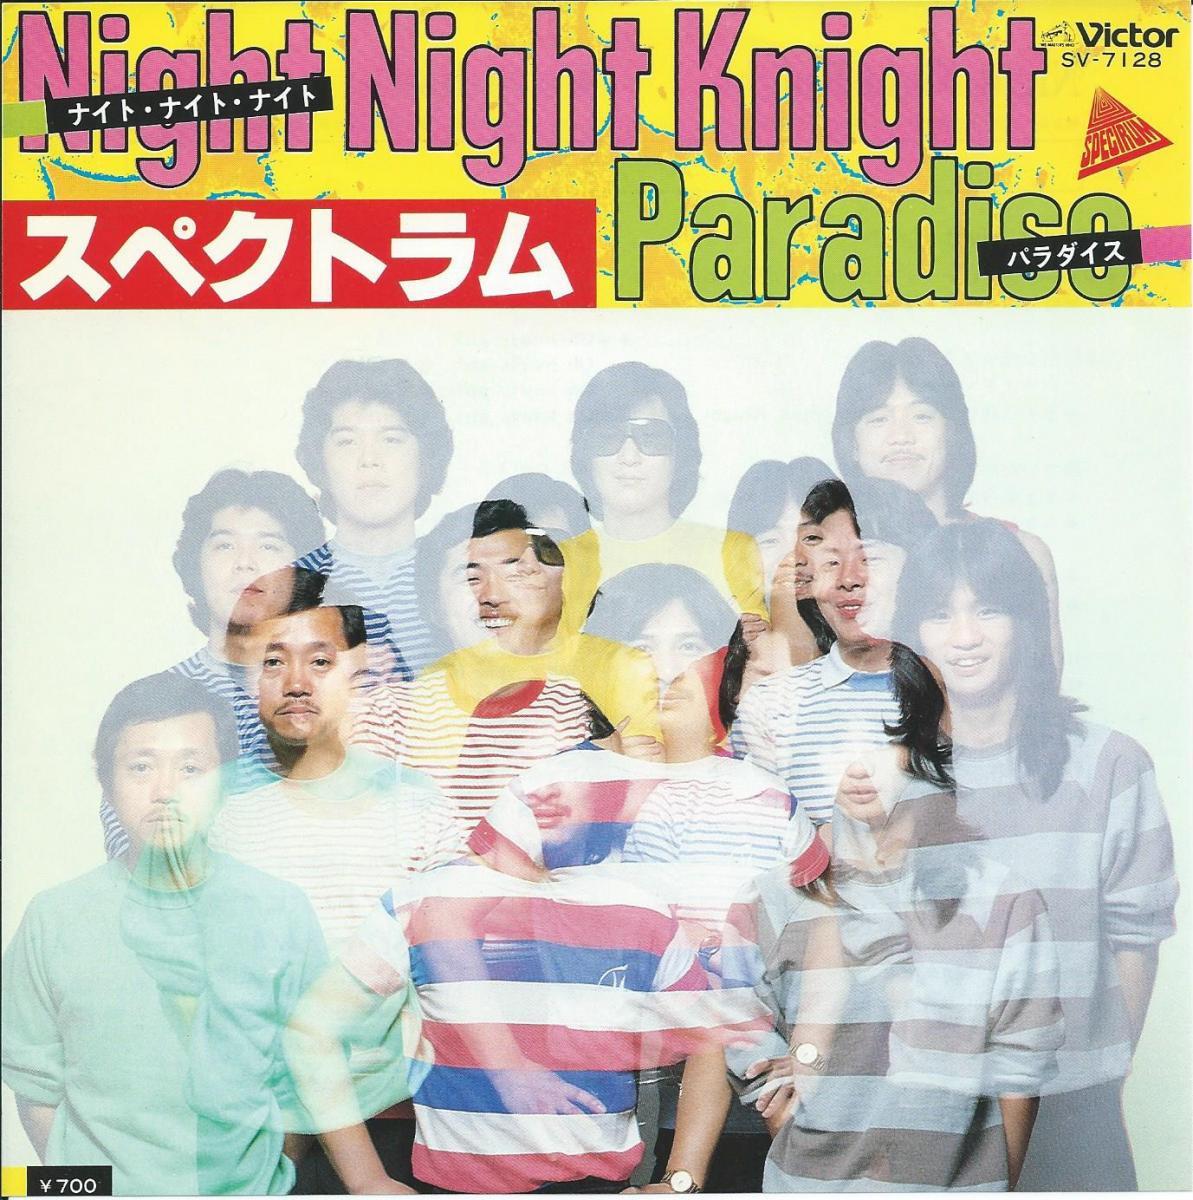 スペクトラム SPECTRUM / ナイト・ナイト・ナイト NIGHT NIGHT KNIGHT (7